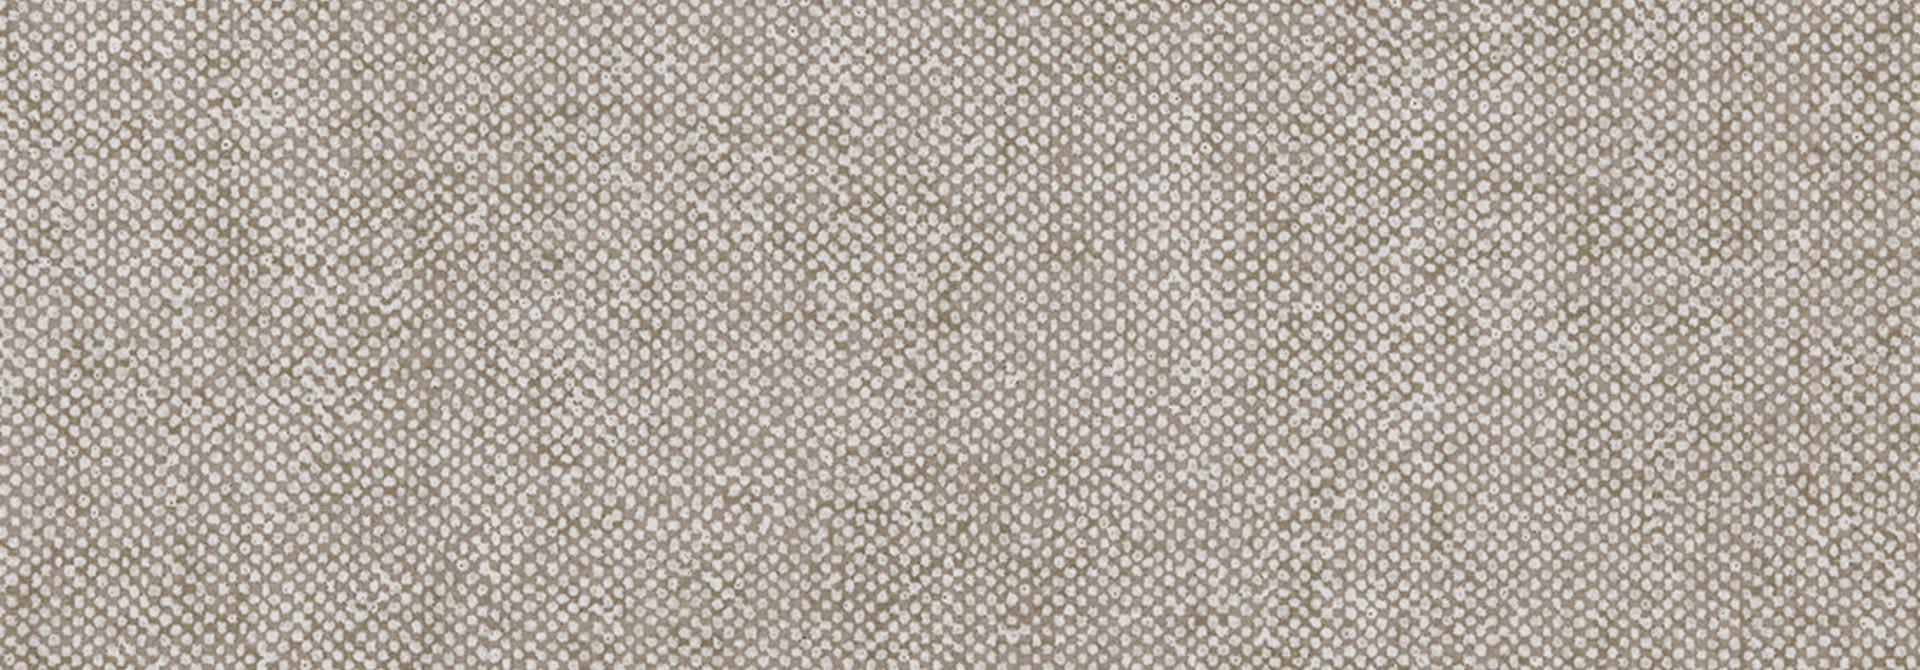 Behang 5085 Blond